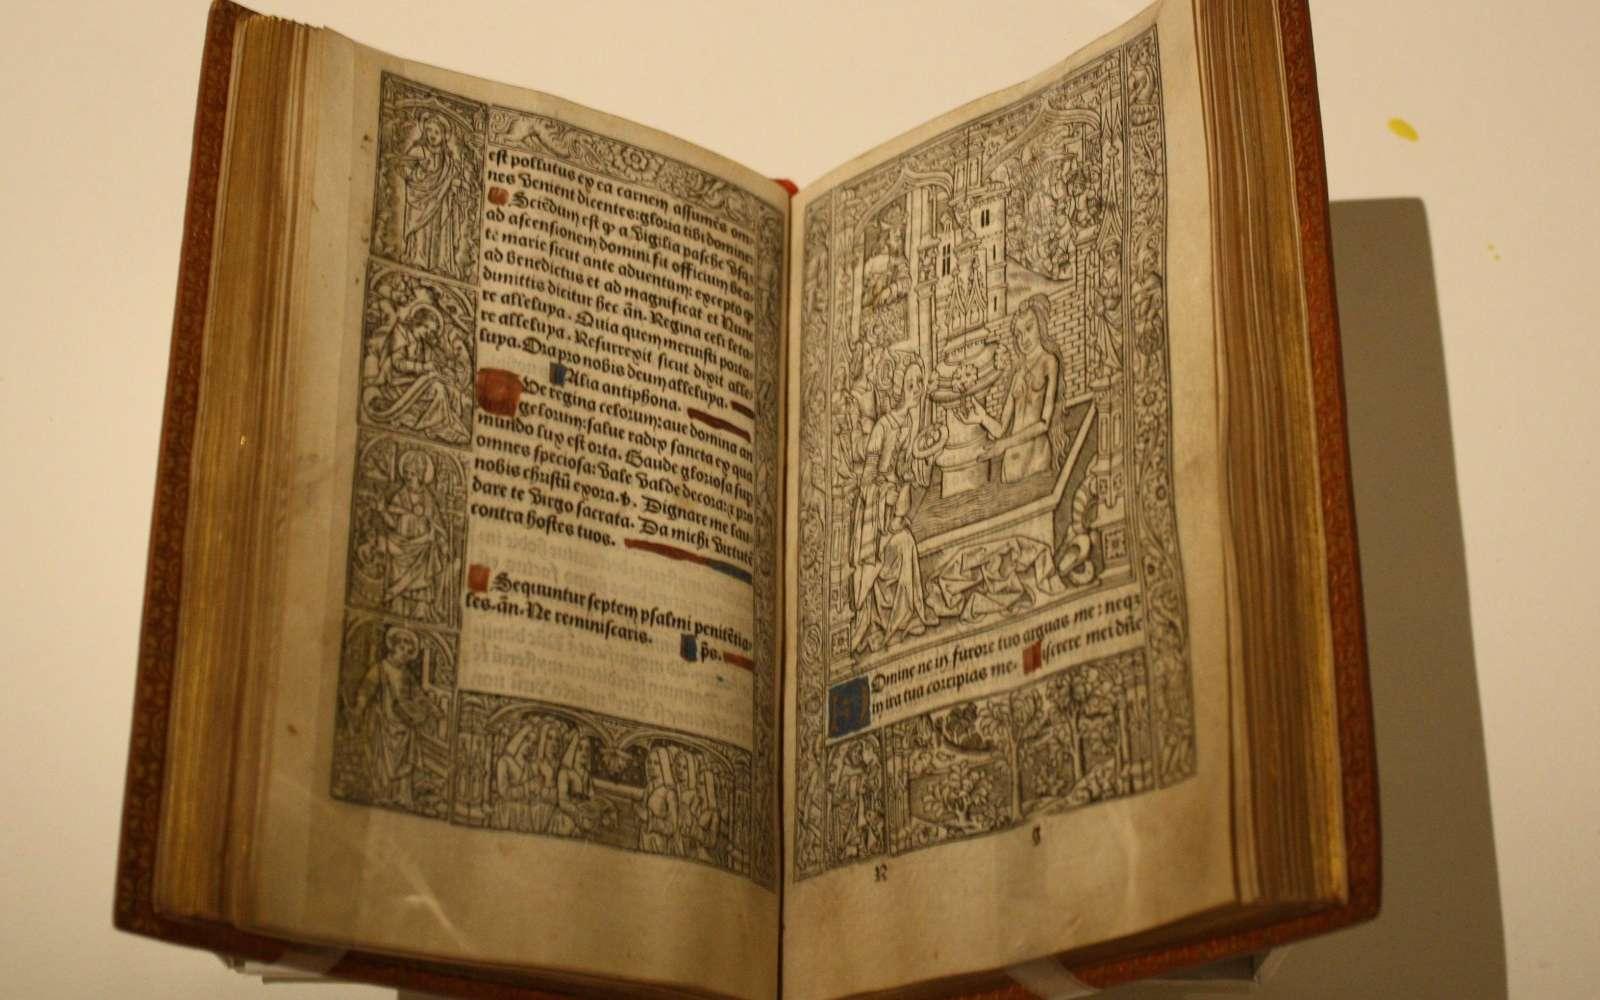 Les livres du Moyen Âge sont pour certains devenus des classiques de la littérature. © L. Dove, Google Images.